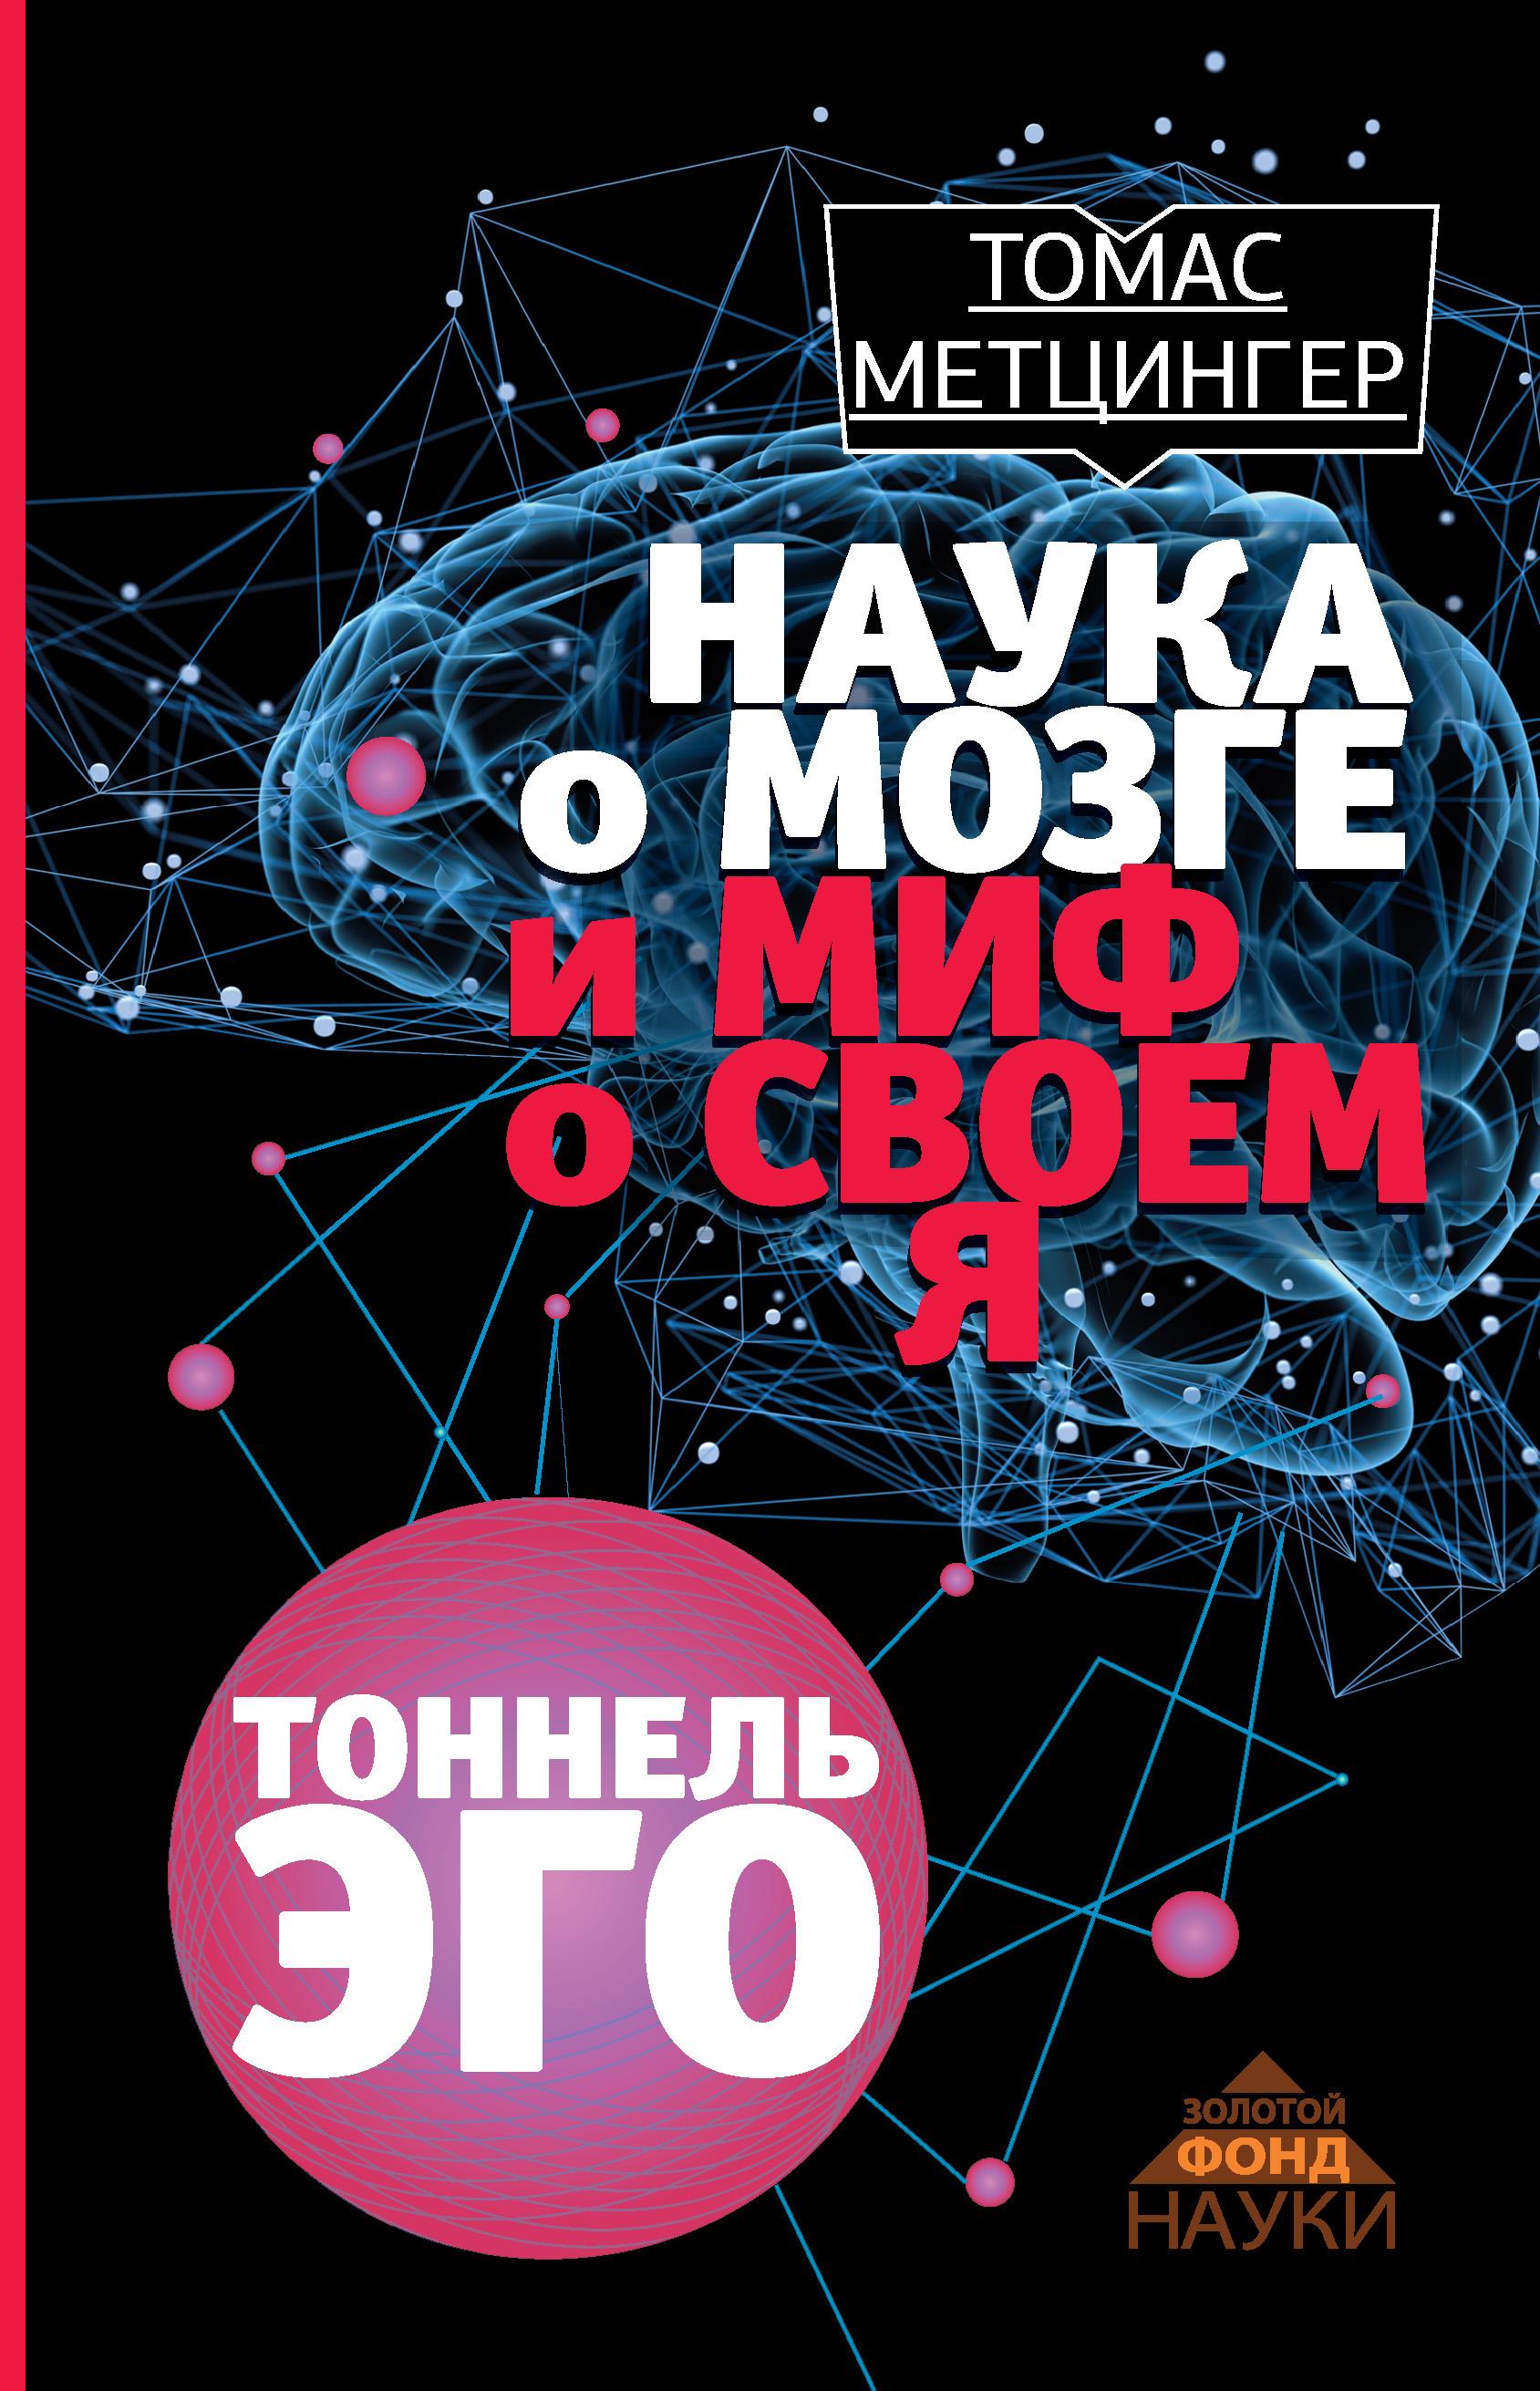 Томас Метцингер «Наука о мозге и миф о своем Я. Тоннель эго»